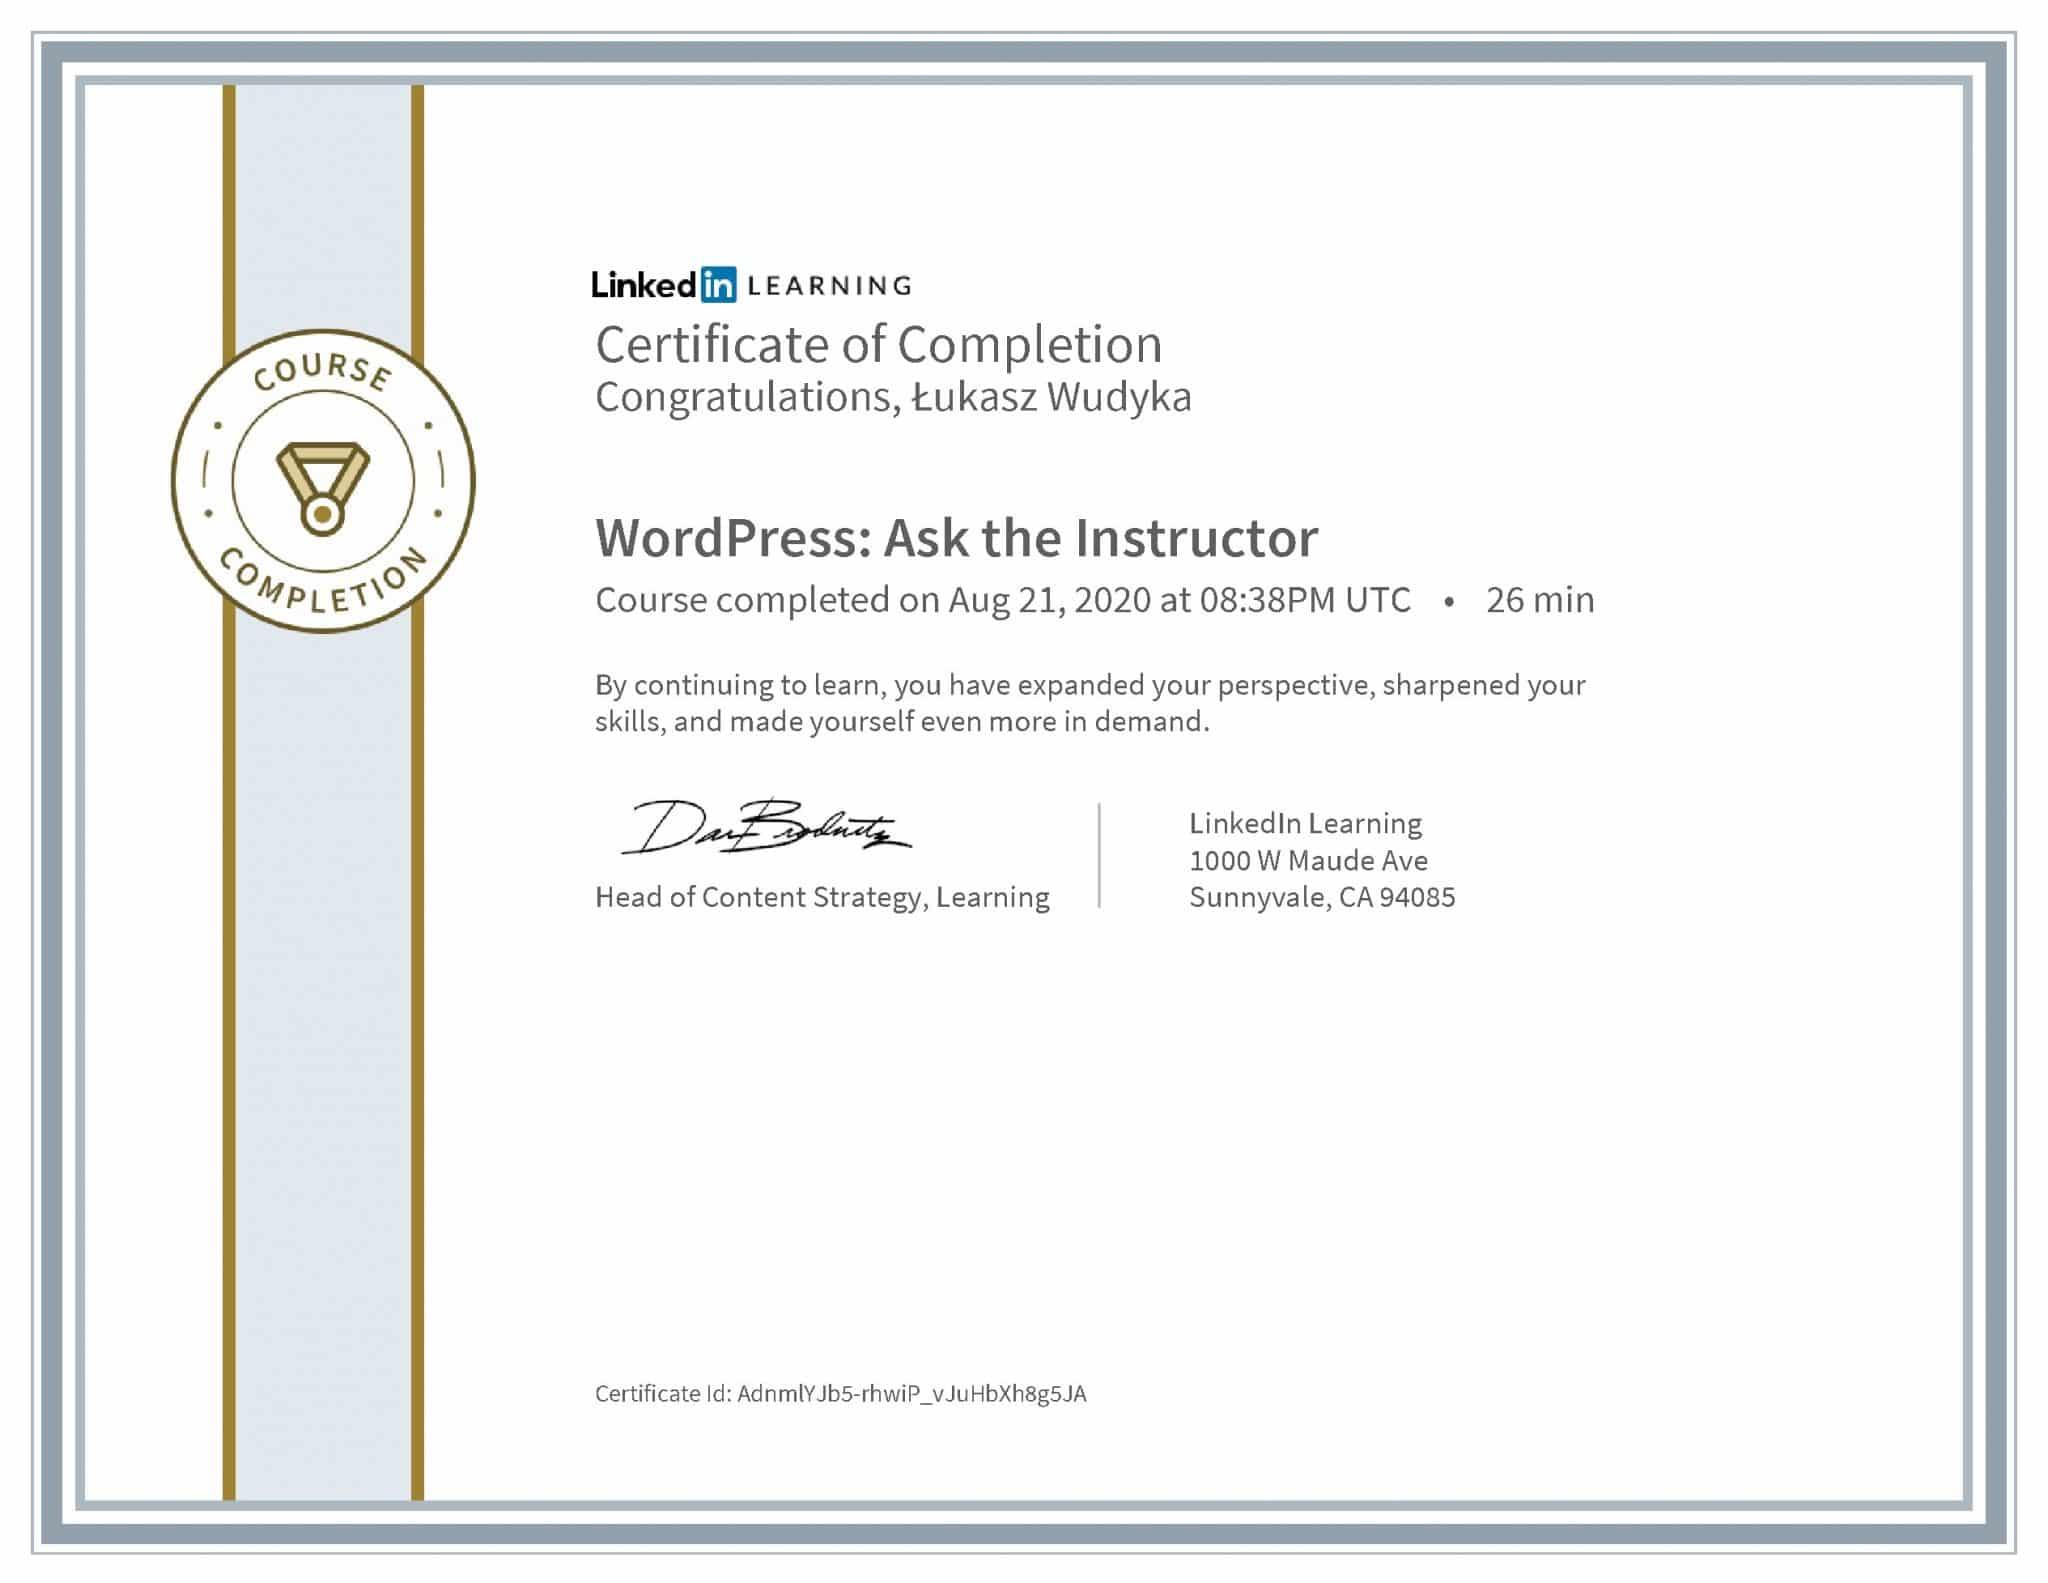 Łukasz Wudyka certyfikat LinkedIn WordPress: Ask the Instructor